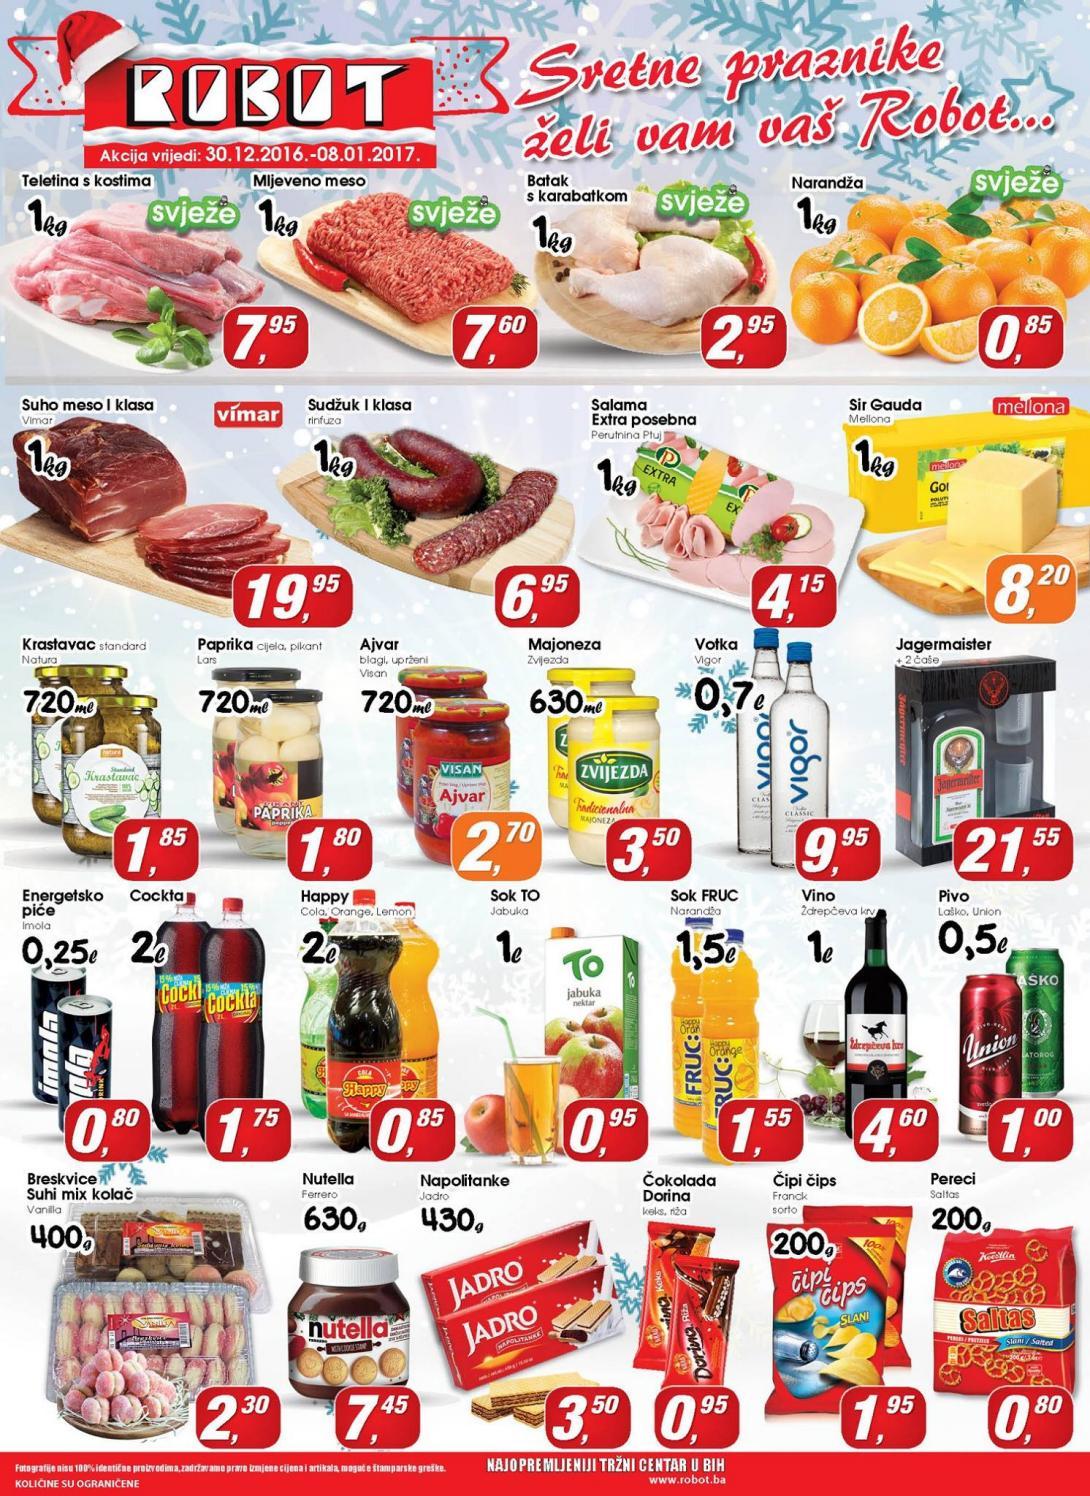 Sretan Nova godina i nove super cijene prehrane i tehnike od 30.12.- 08.01.2017. u Robot supermarketima!